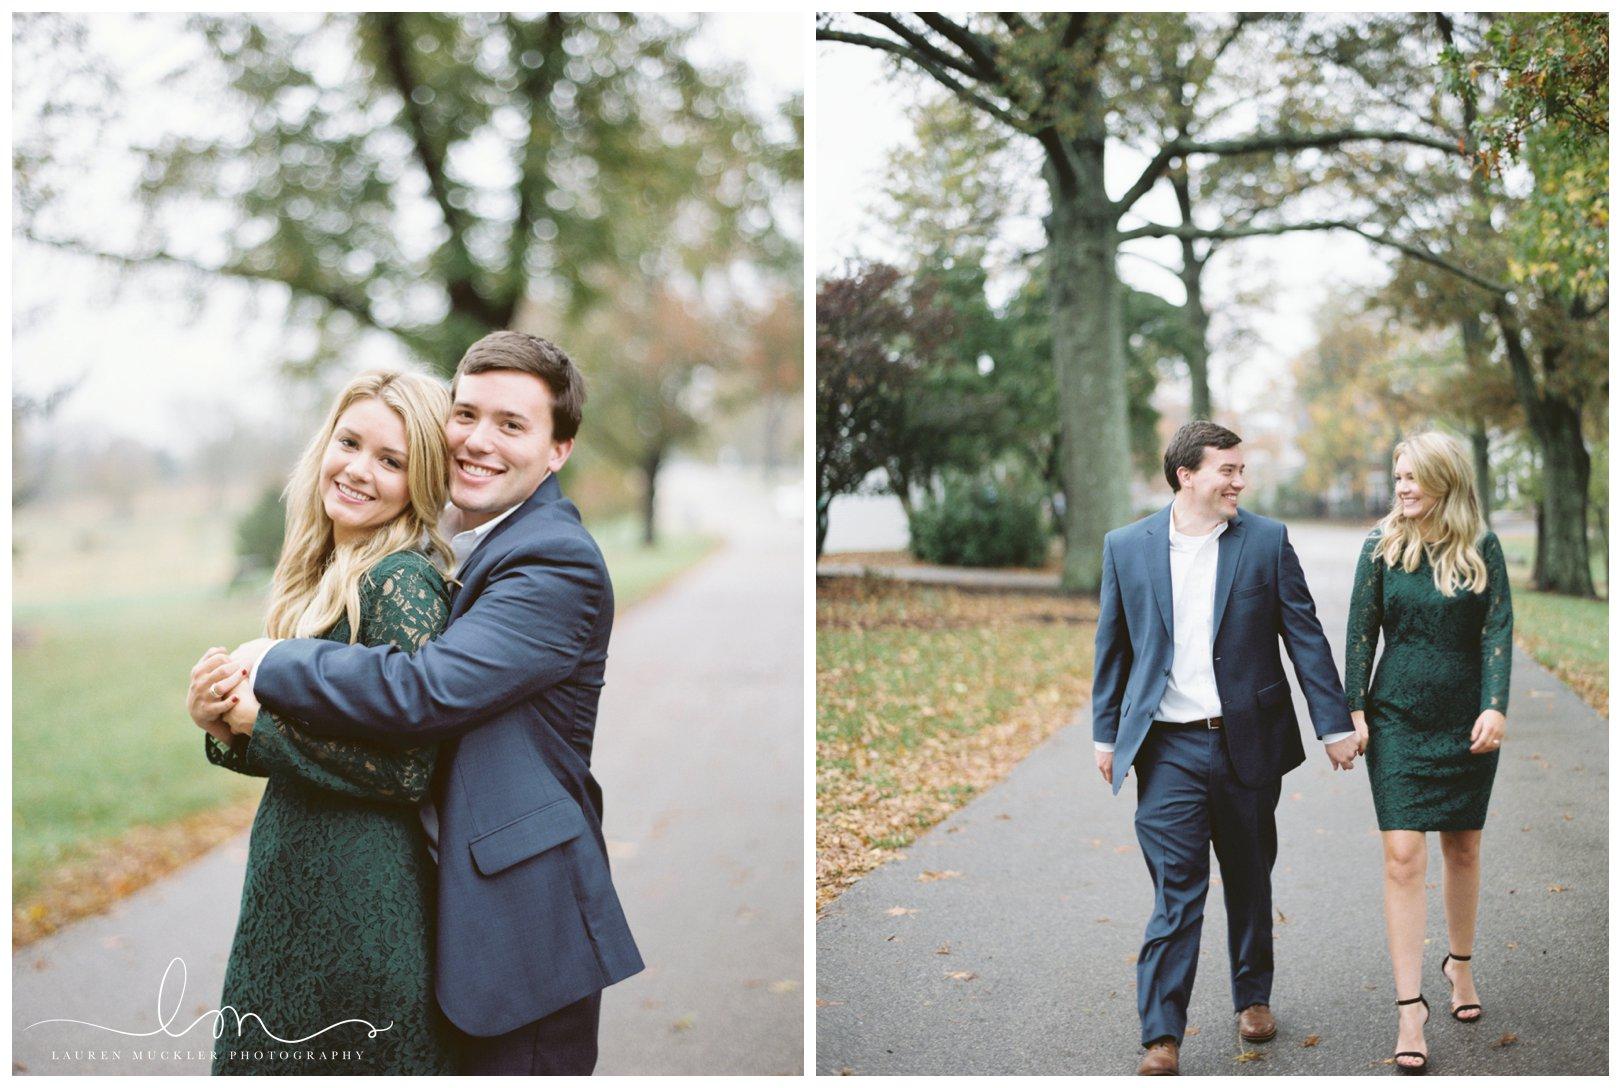 lauren muckler photography_fine art film wedding photography_st louis_photography_0771.jpg